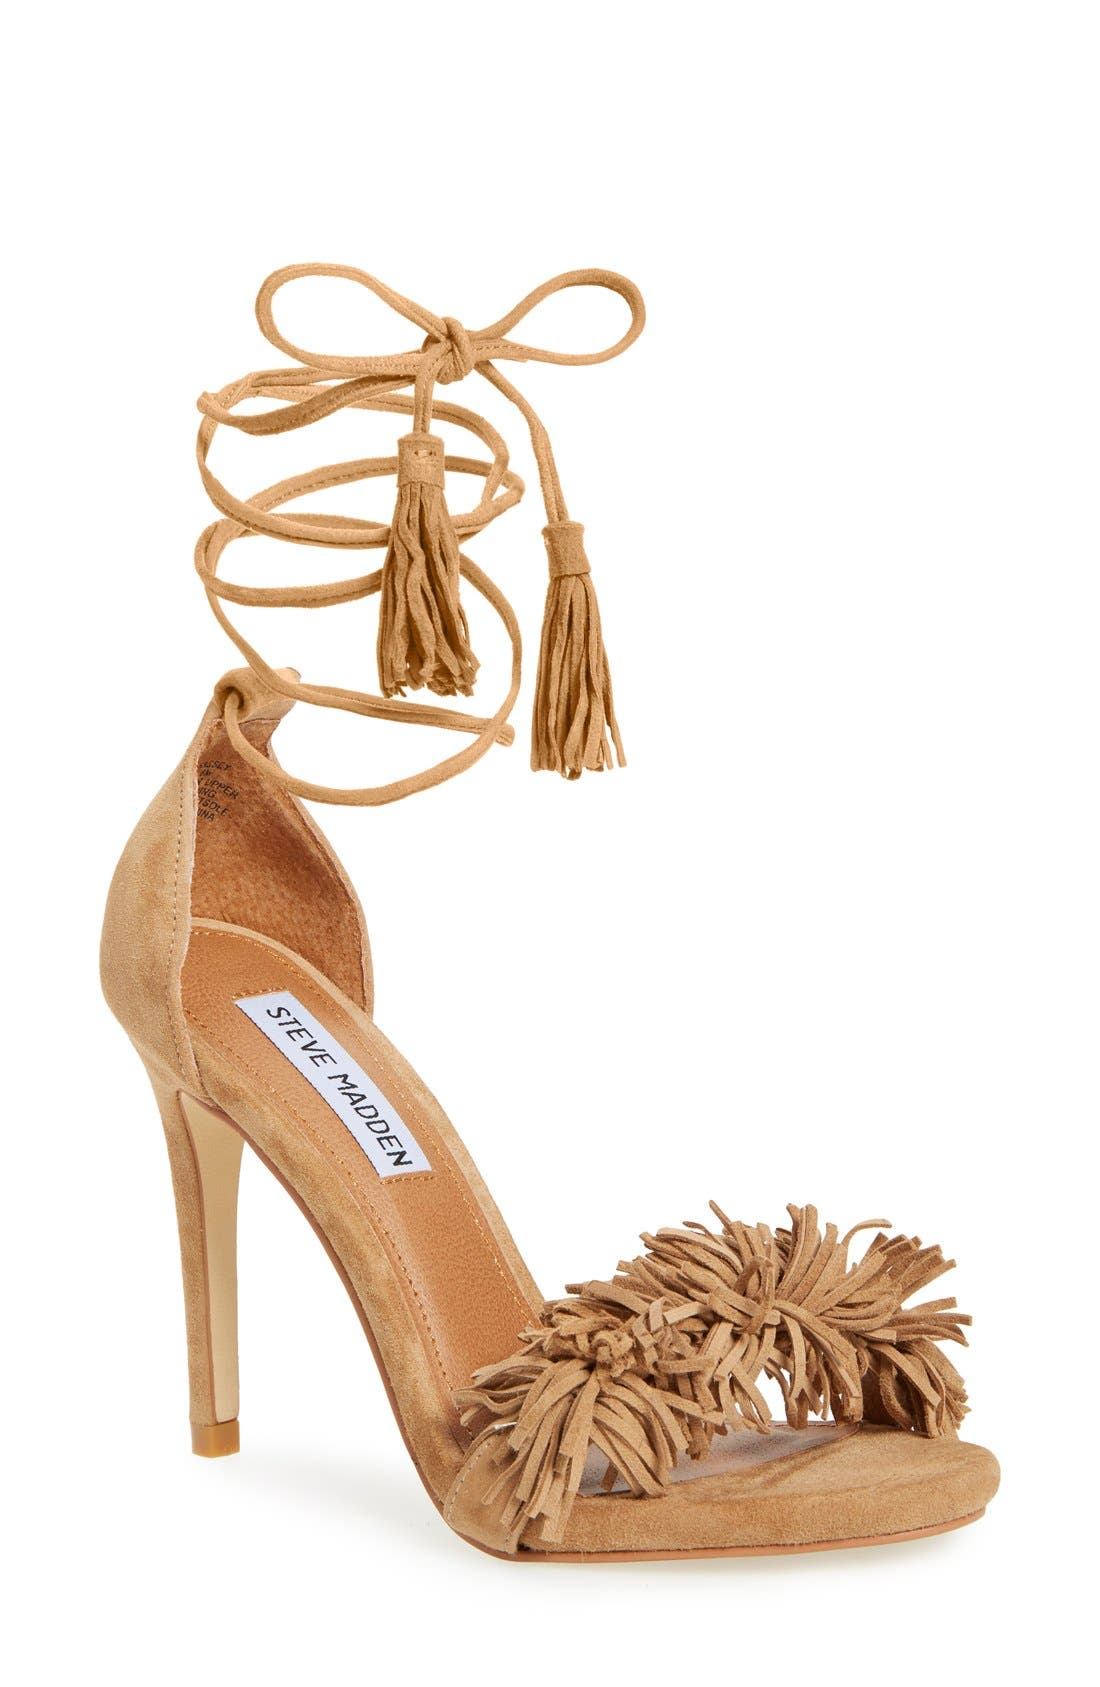 STEVE MADDEN 'Sassey' Fringe Sandal, Main, color, 250